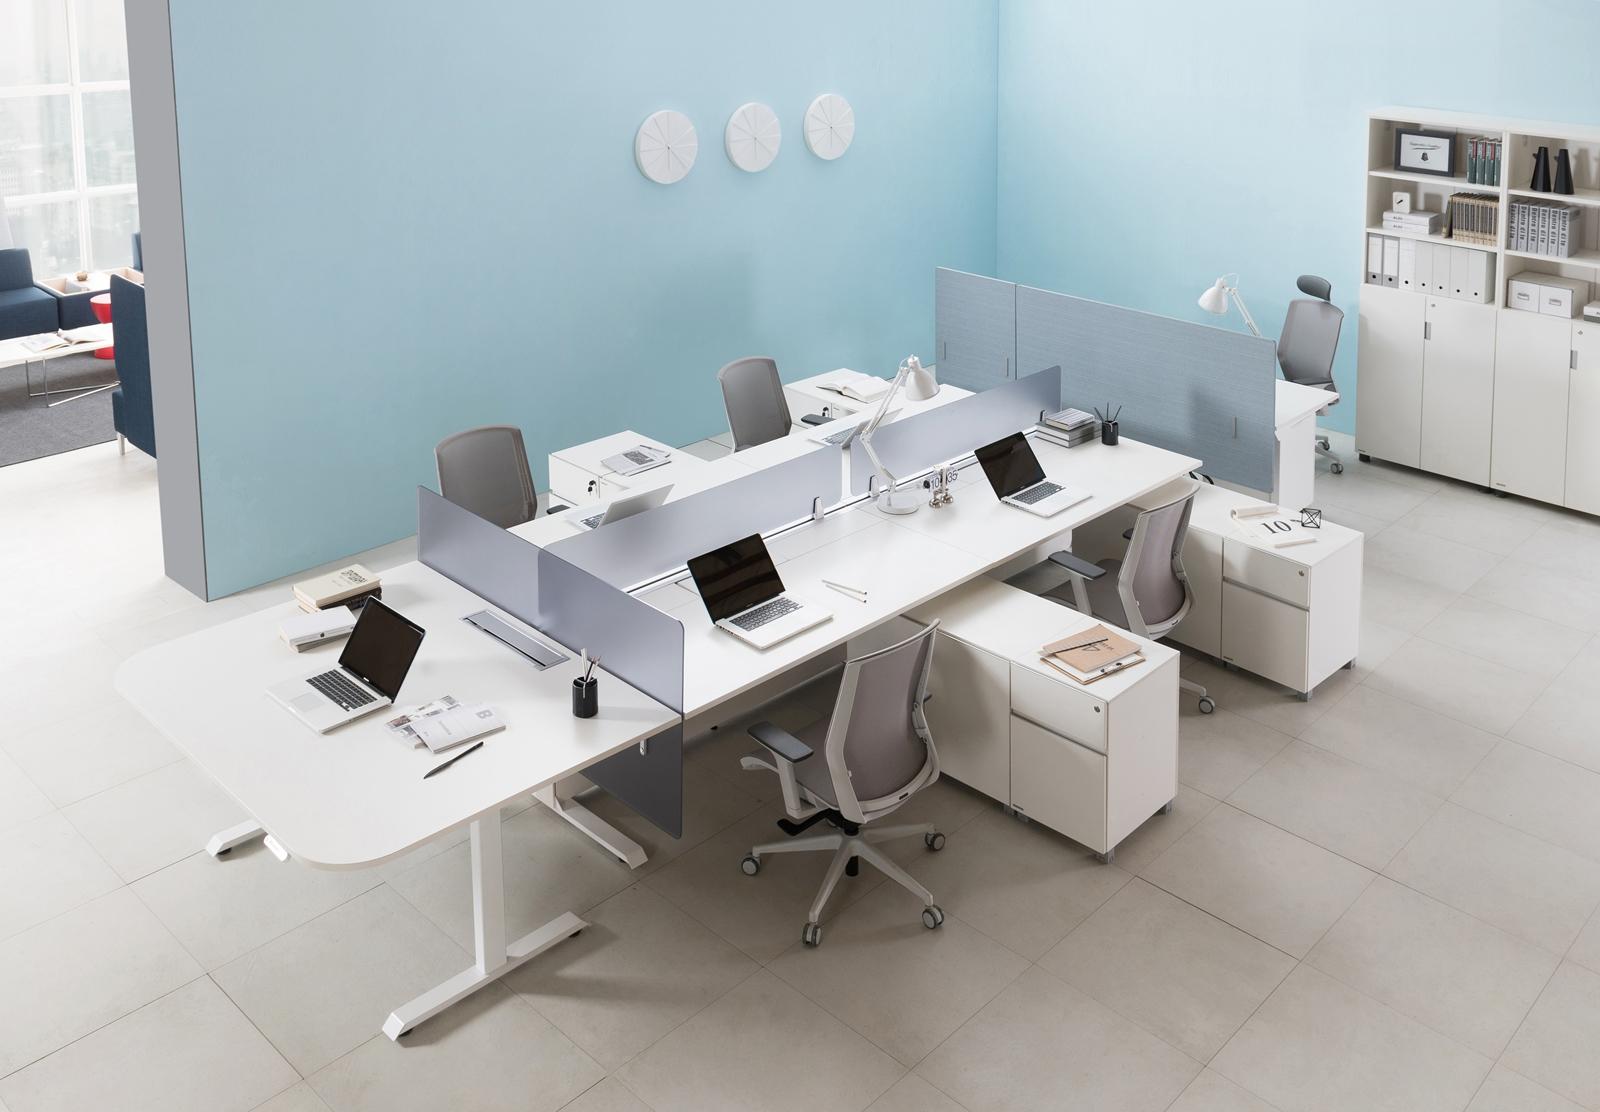 현대리바트, 효율성 높인 사무가구 신제품 출시